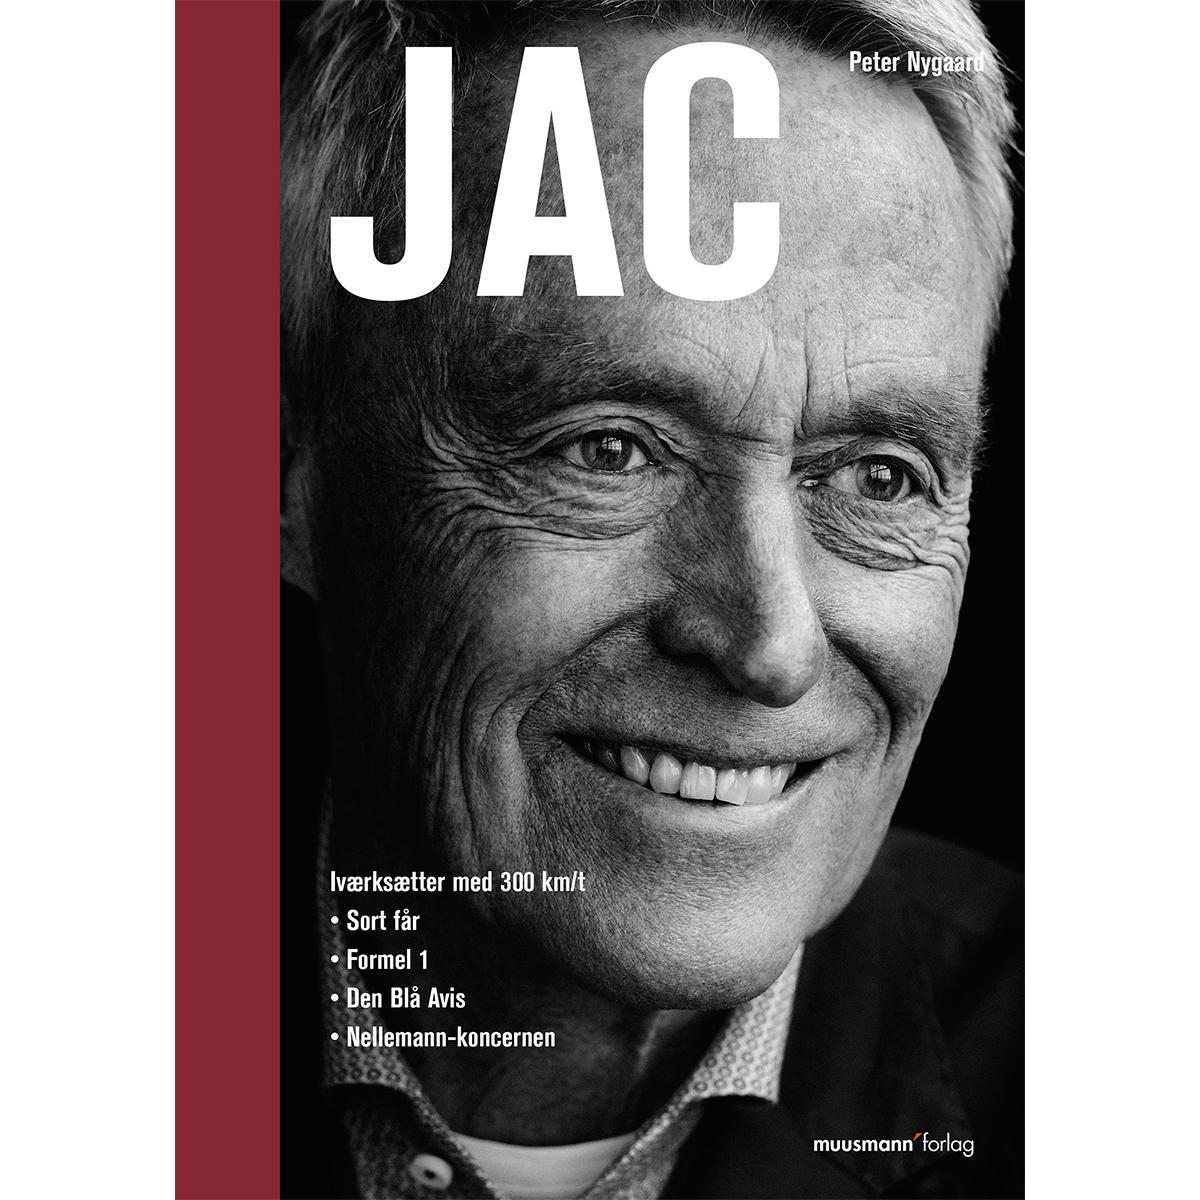 Jac - Iværksætter med 300 km/t - Paperback